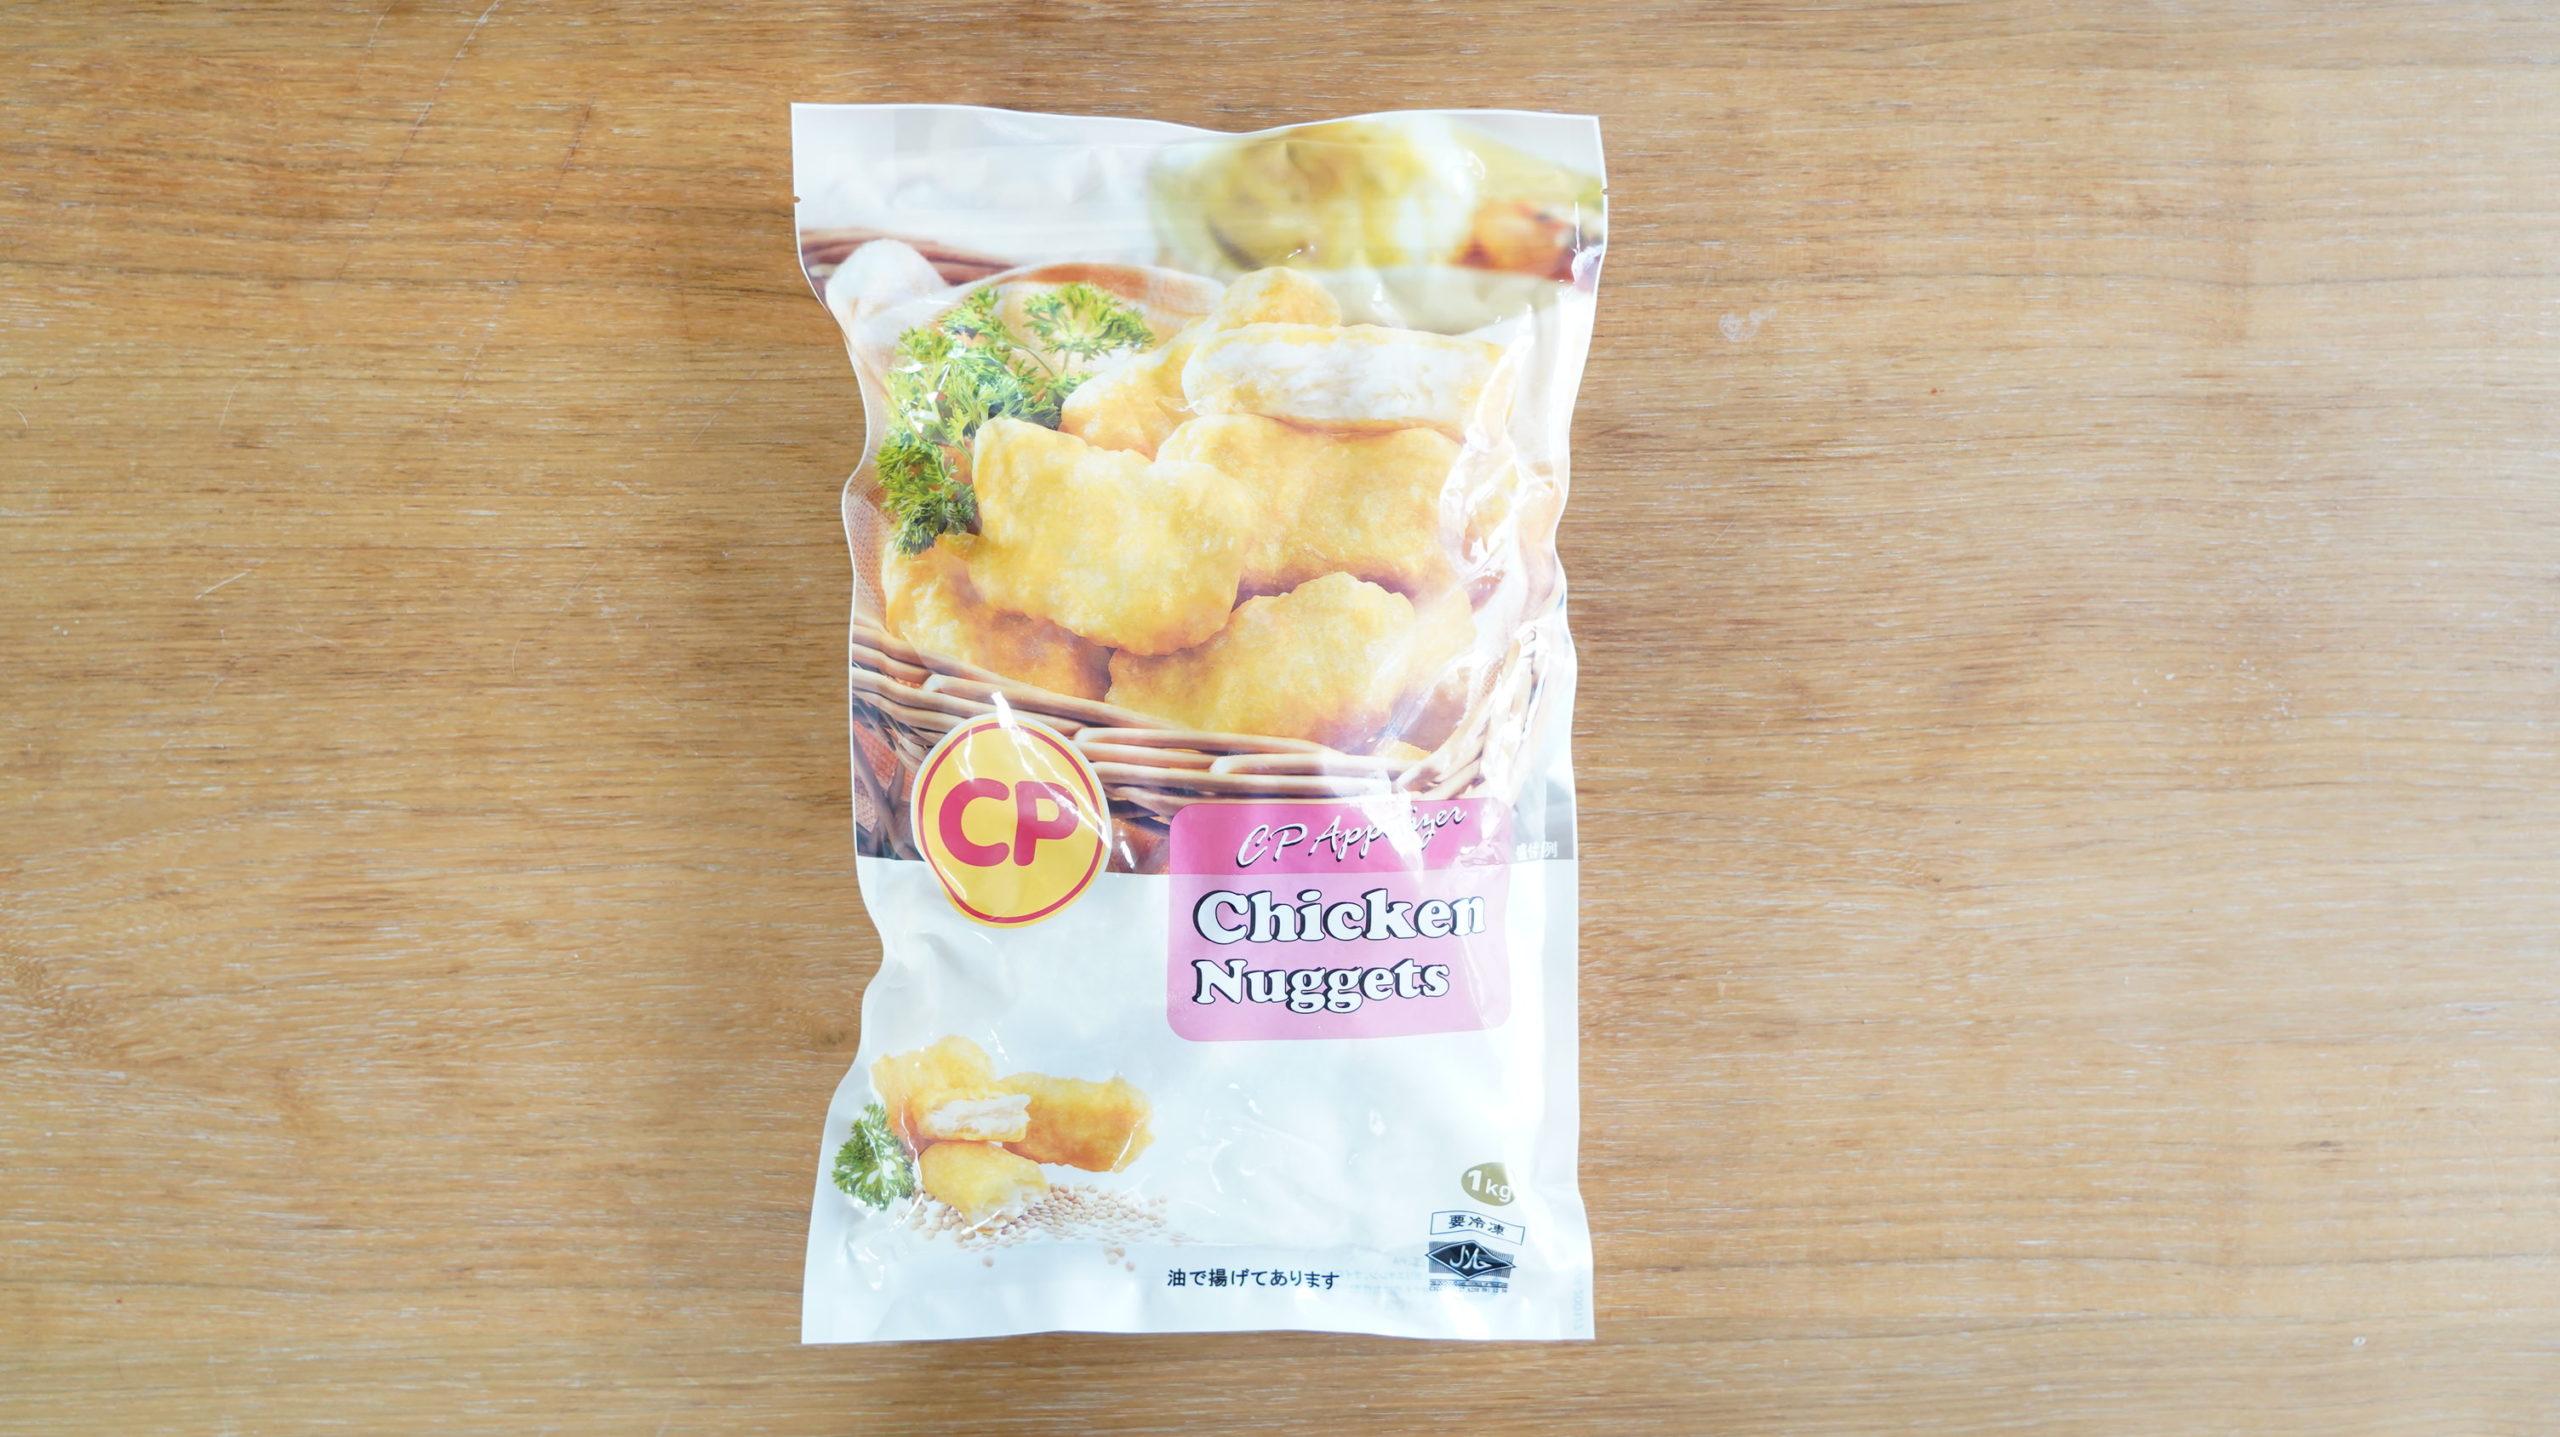 コストコの冷凍食品「CP チキンナゲット」のパッケージ写真